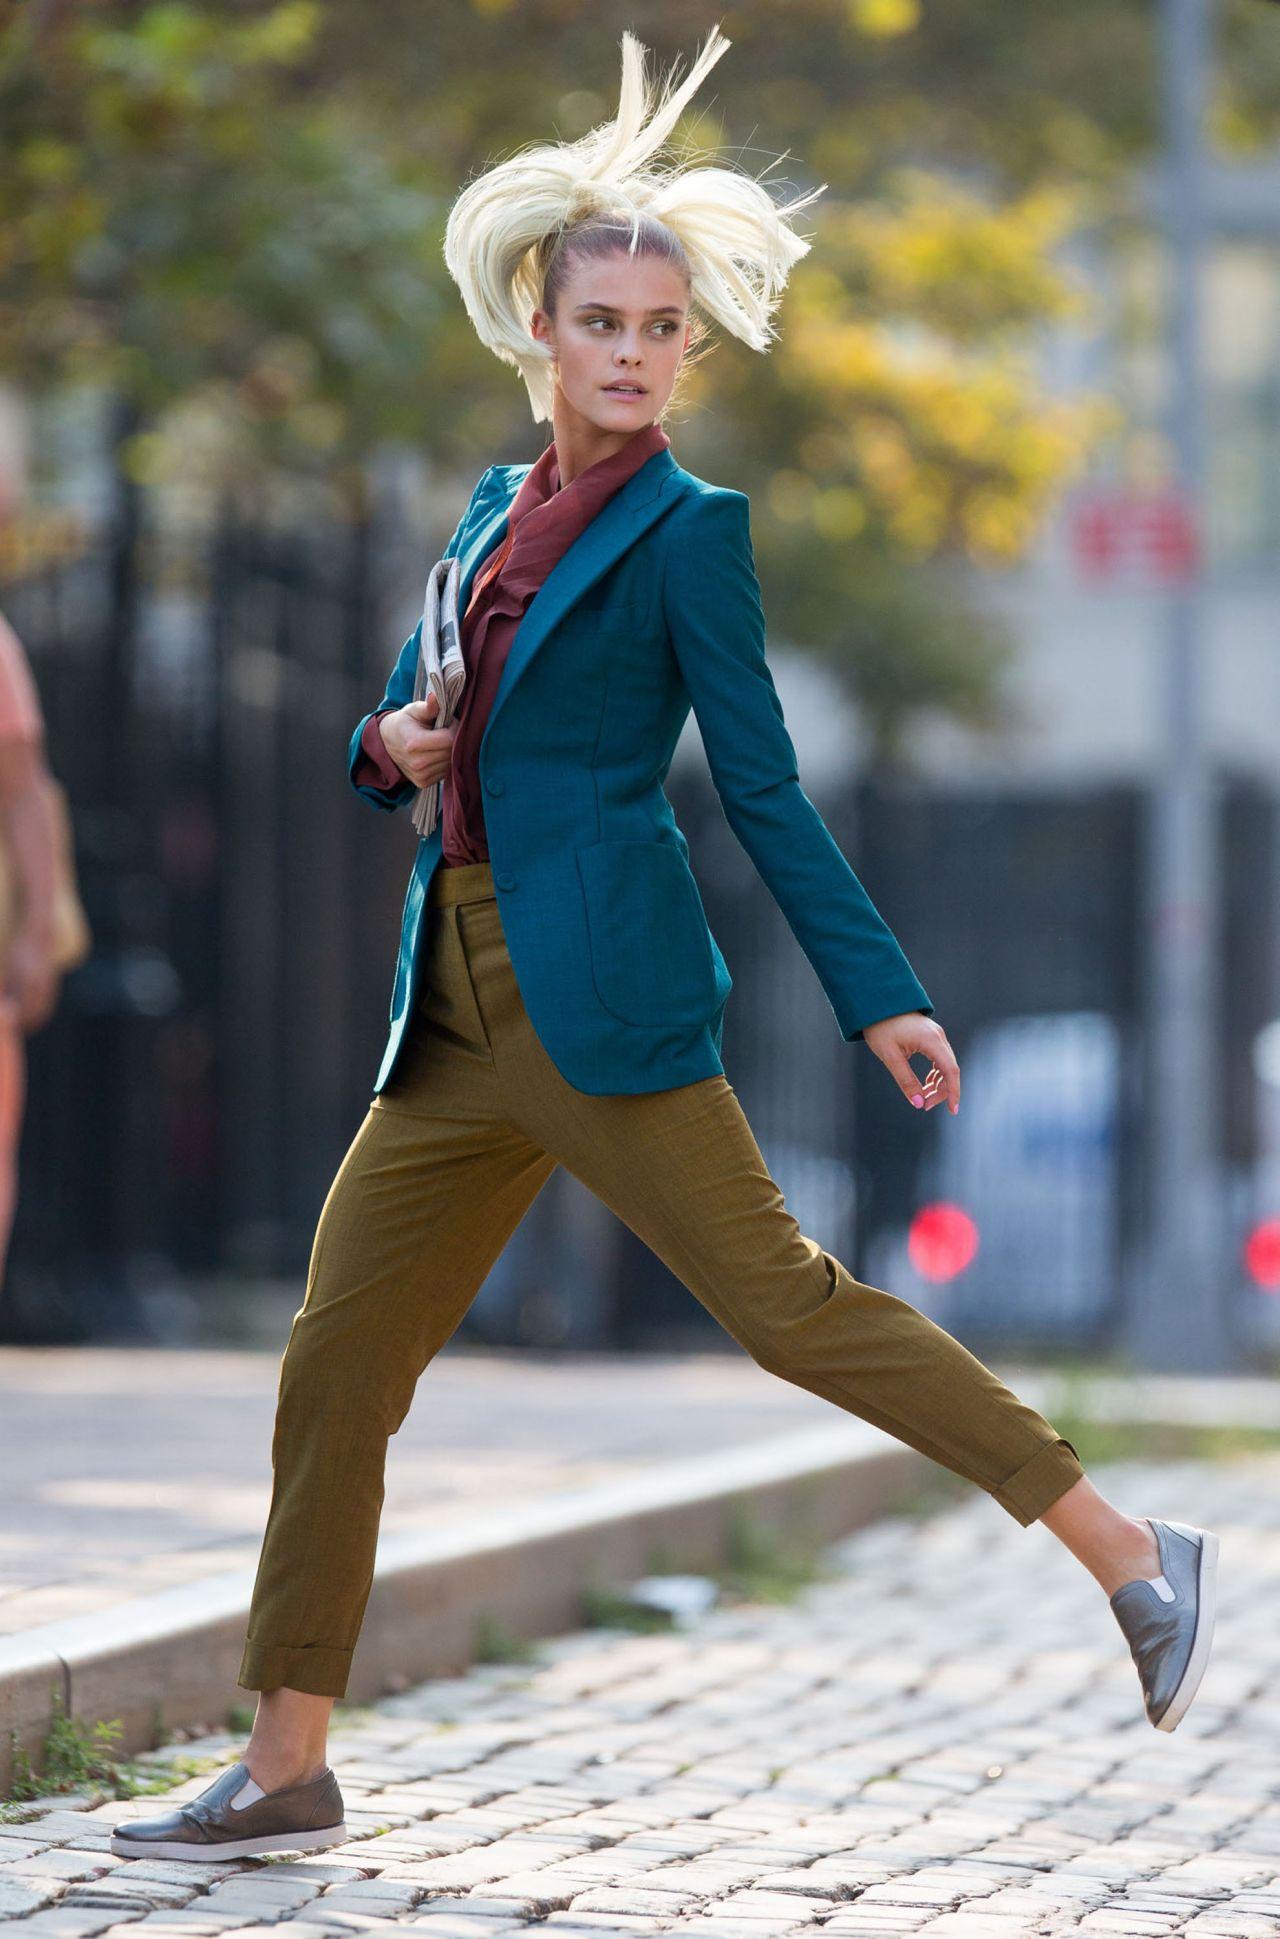 Nina Agdal Photoshoot Set In New York City September 2015